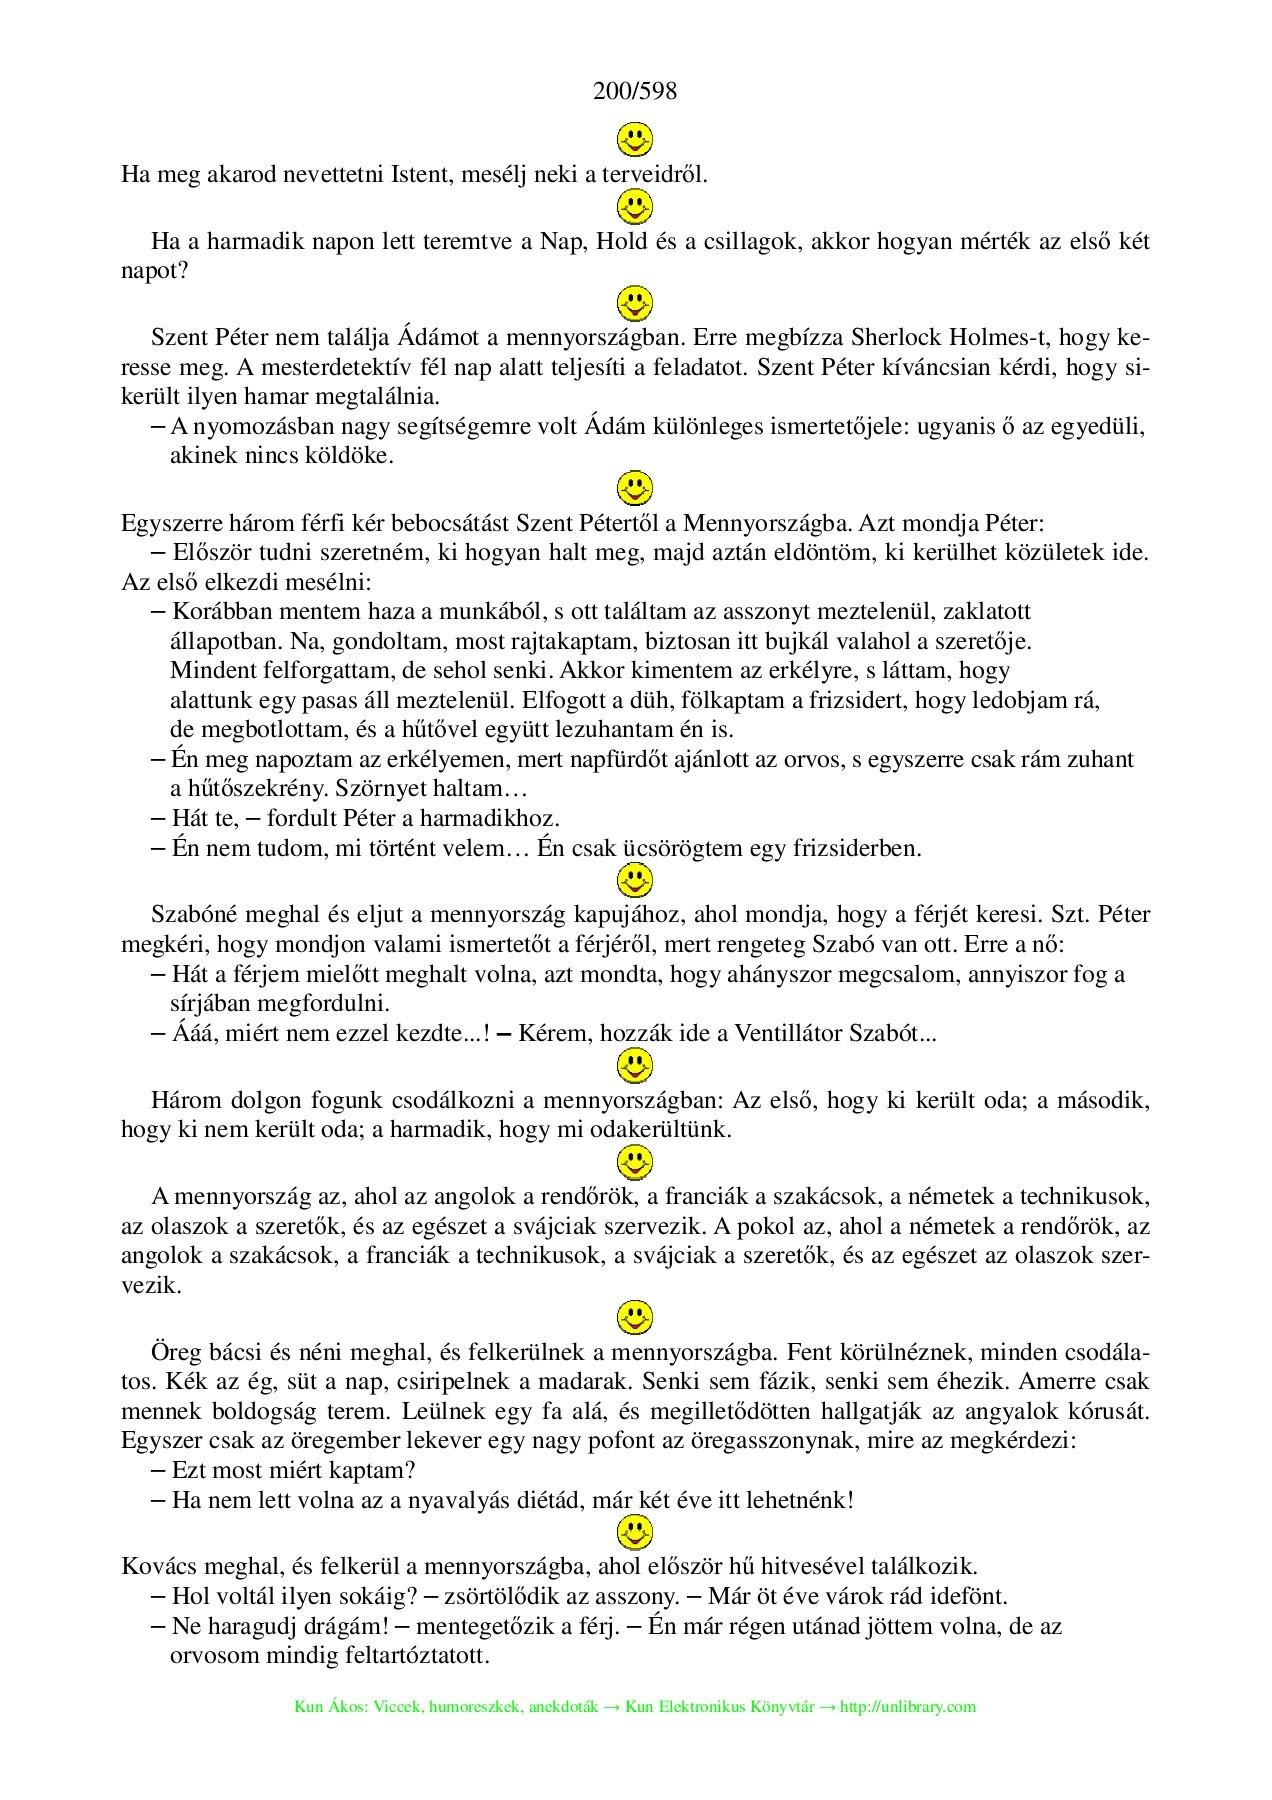 Kormányzat - Miniszterelnökség - Miniszterelnök - Beszédek, publikációk, interjúk